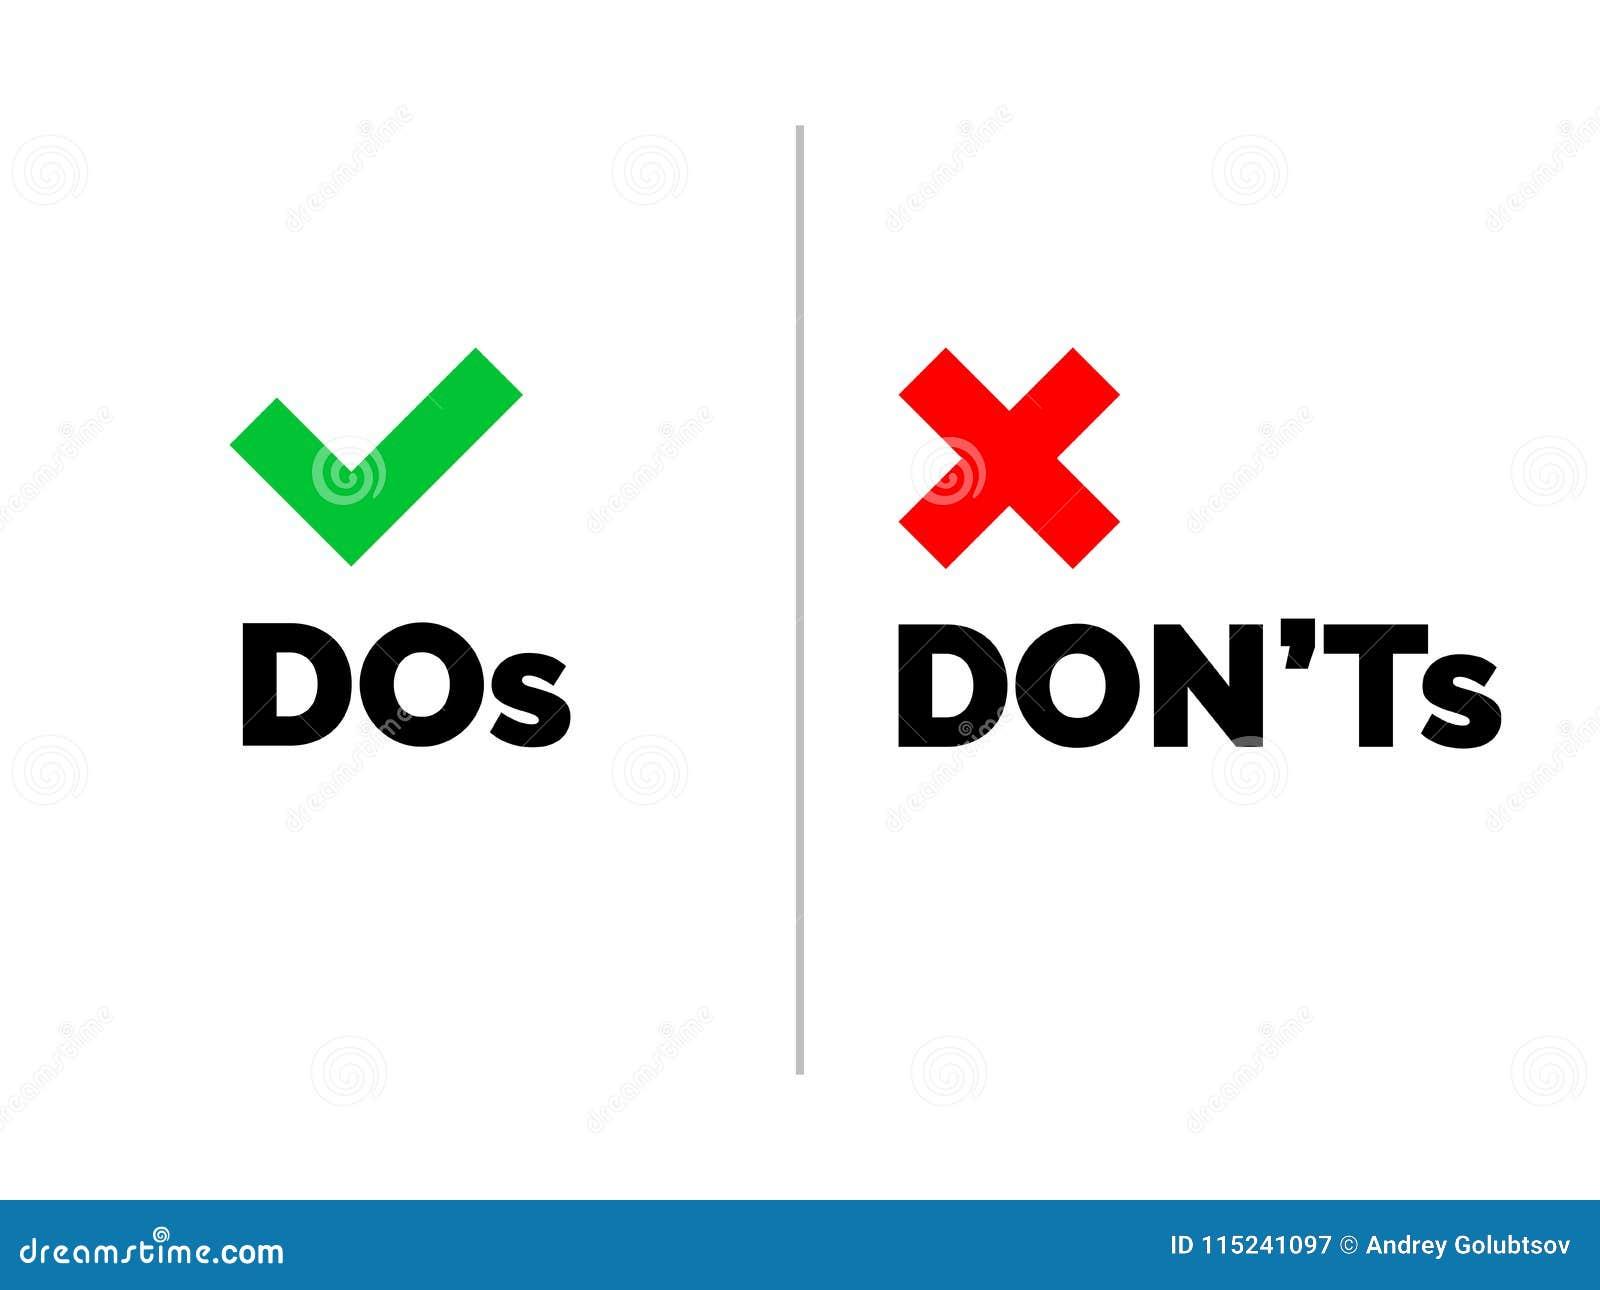 Dos和不` s检查壁虱在透明背景隔绝的标记和红十字象 传染媒介做和唐` t清单